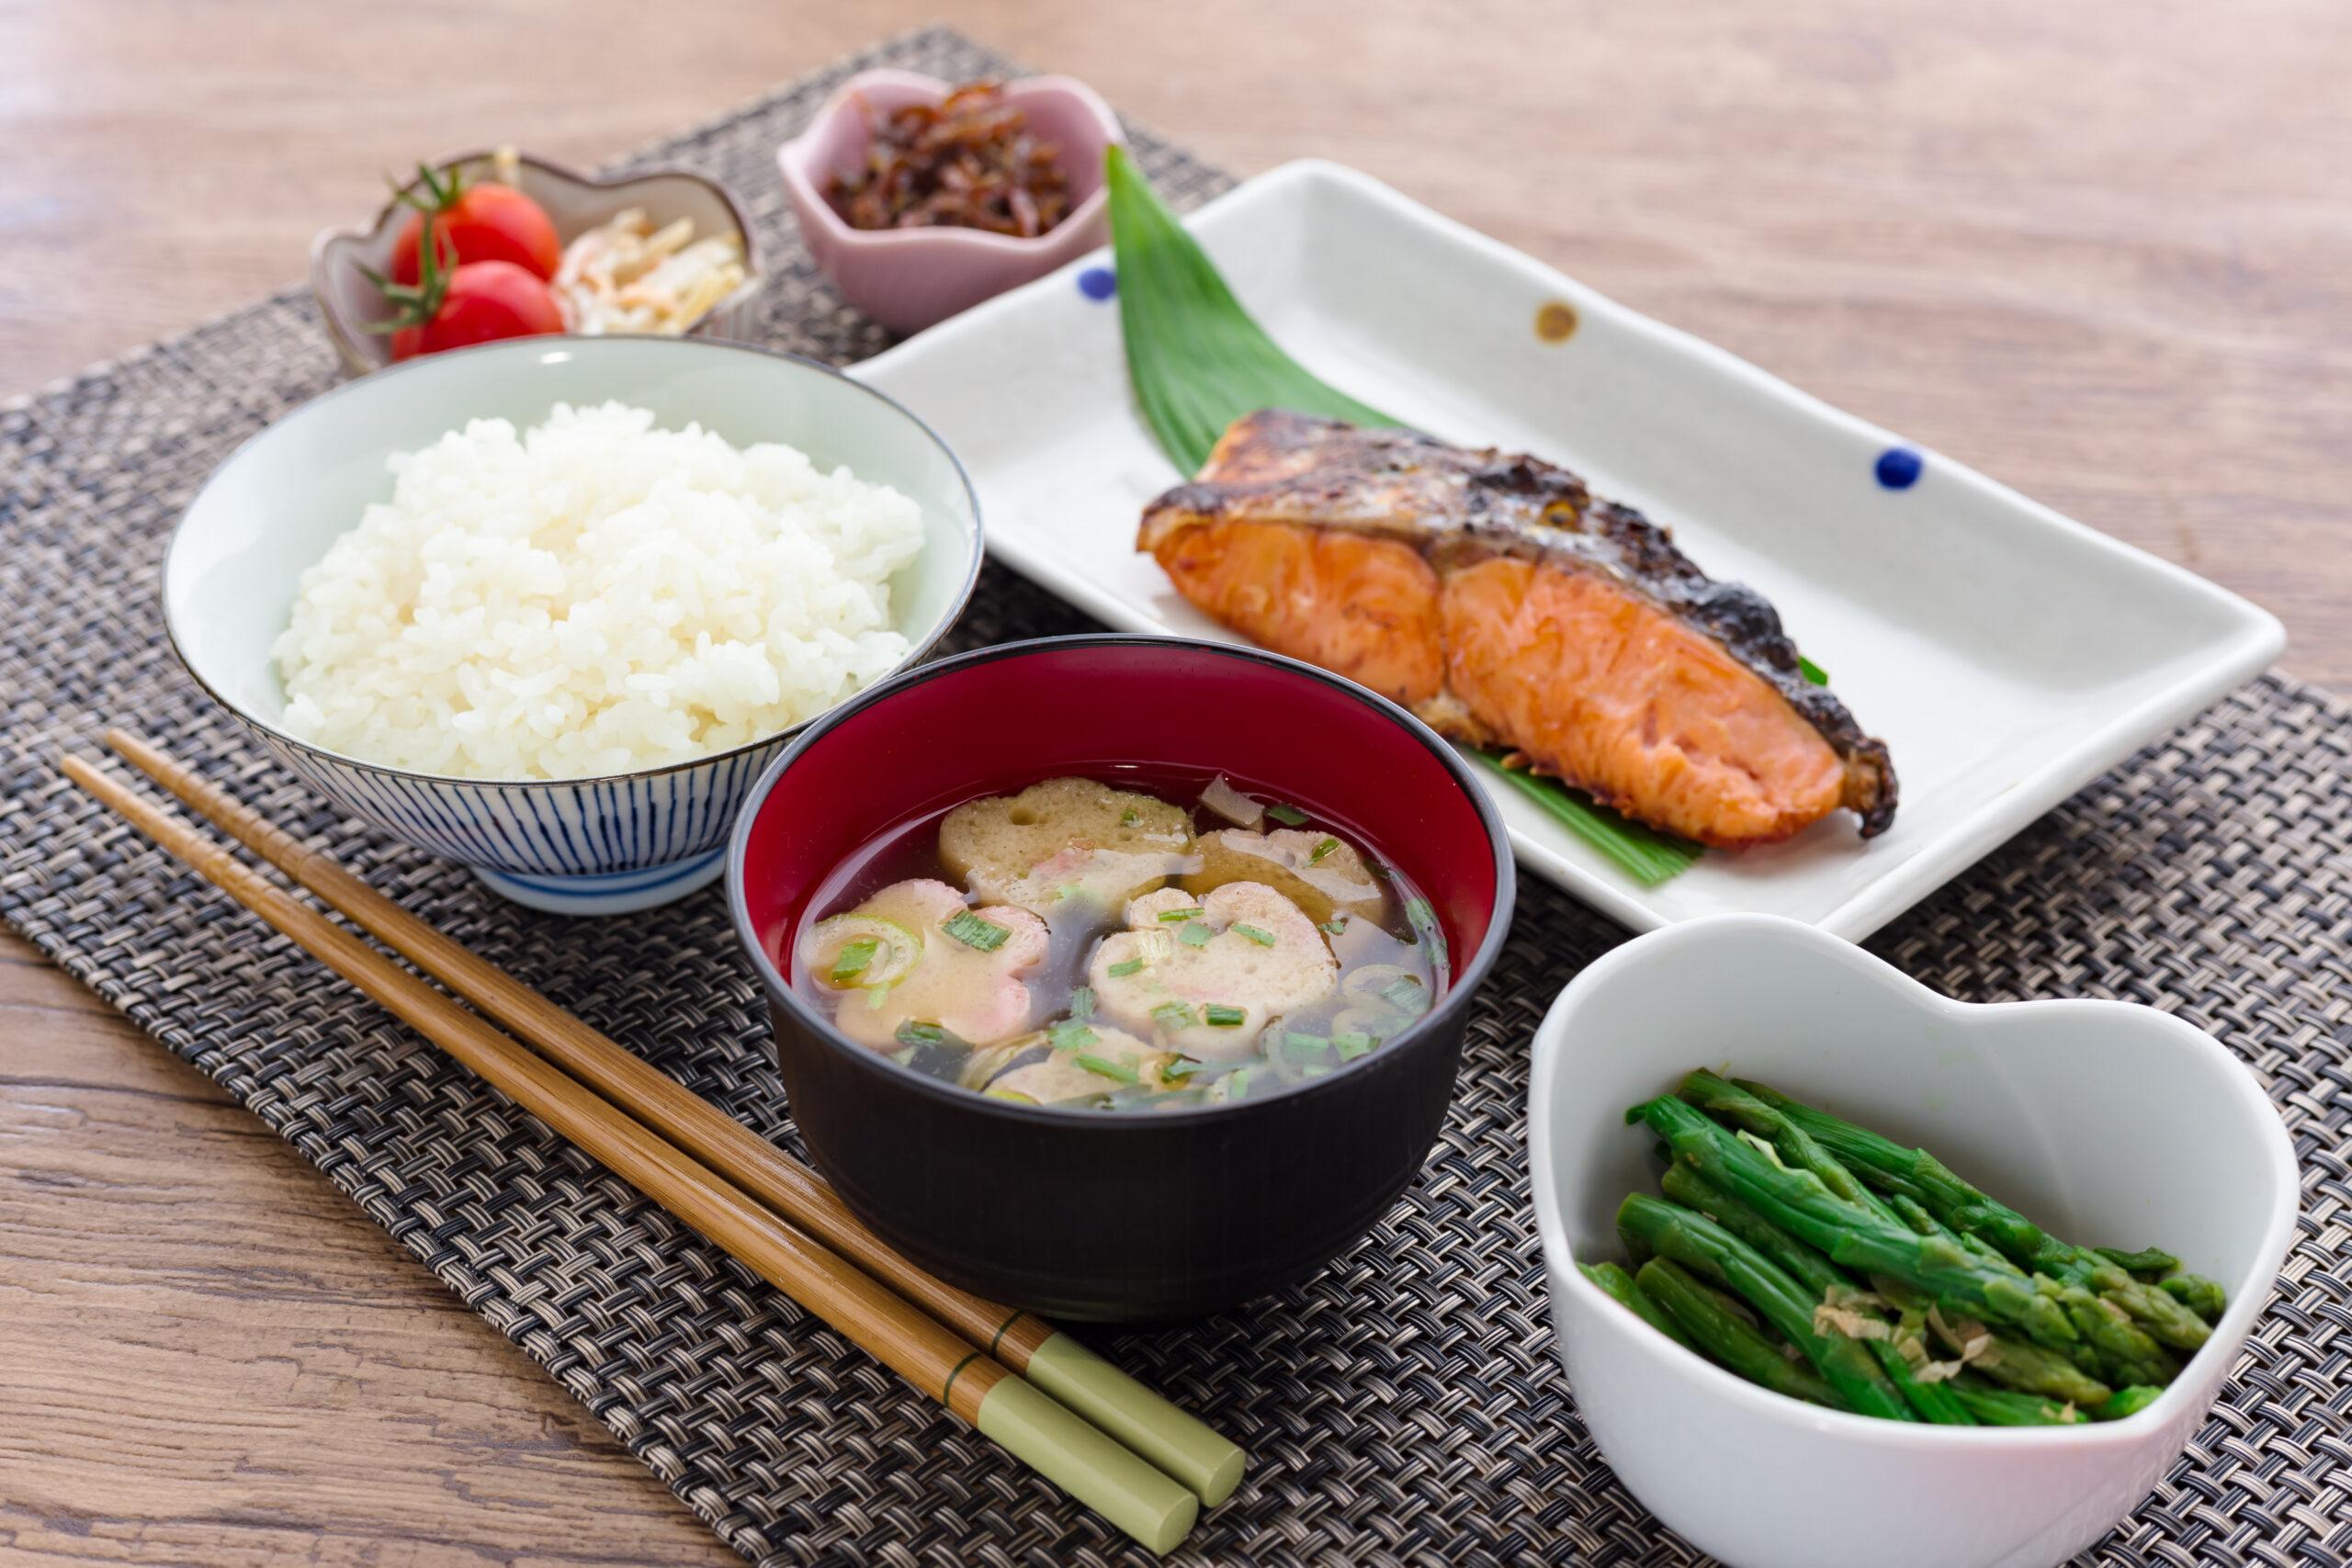 主食、副菜、主菜のバランスの良い食事を!